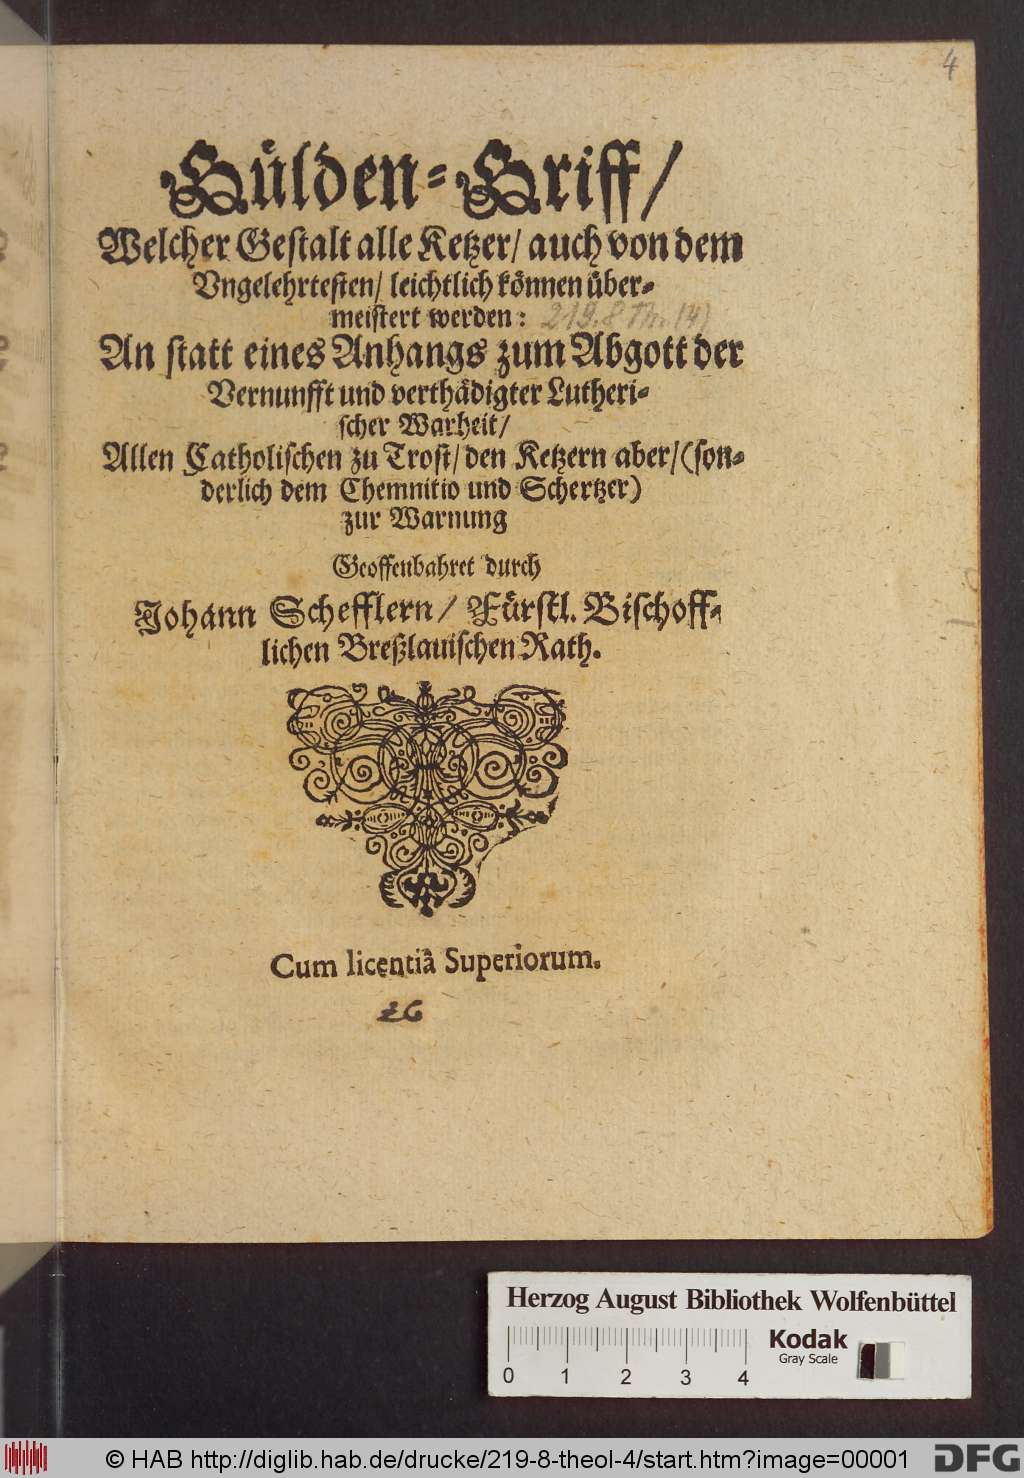 http://diglib.hab.de/drucke/219-8-theol-4/00001.jpg